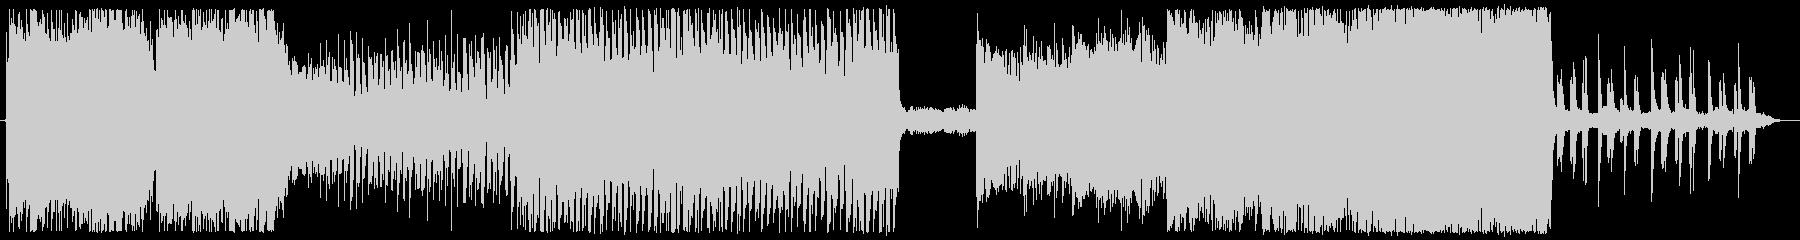 回想シーンの曲の未再生の波形